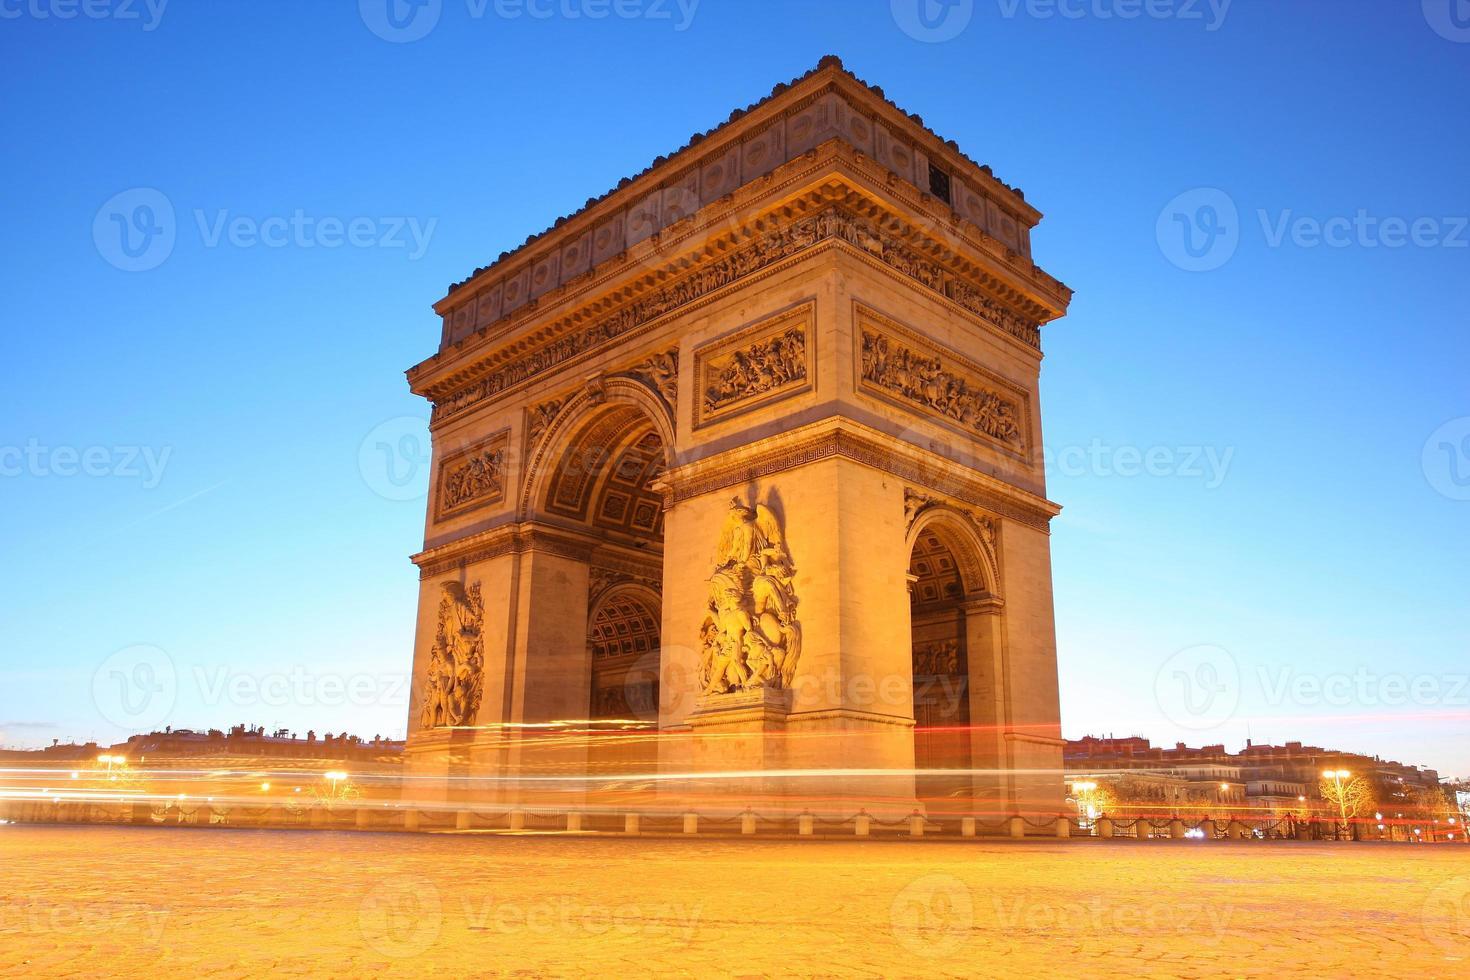 famoso arco do triunfo à noite, paris, frança foto